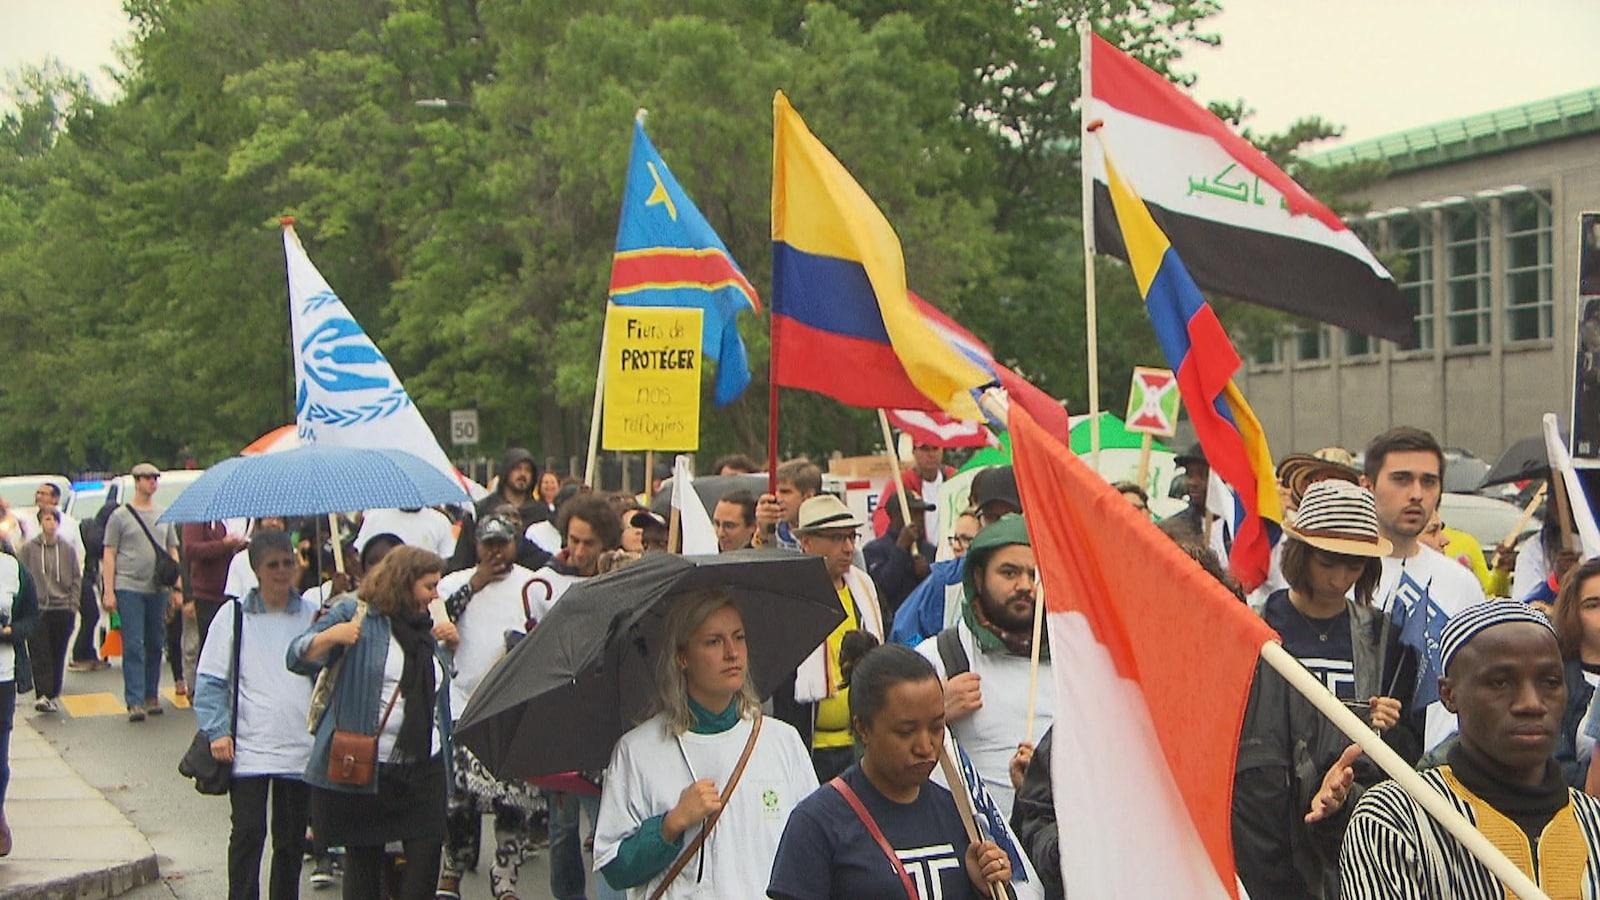 Plusieurs personnes marchent dans la rue par une journée grise. Certains brandissent des drapeaux aux couleurs de leur pays d'origine.